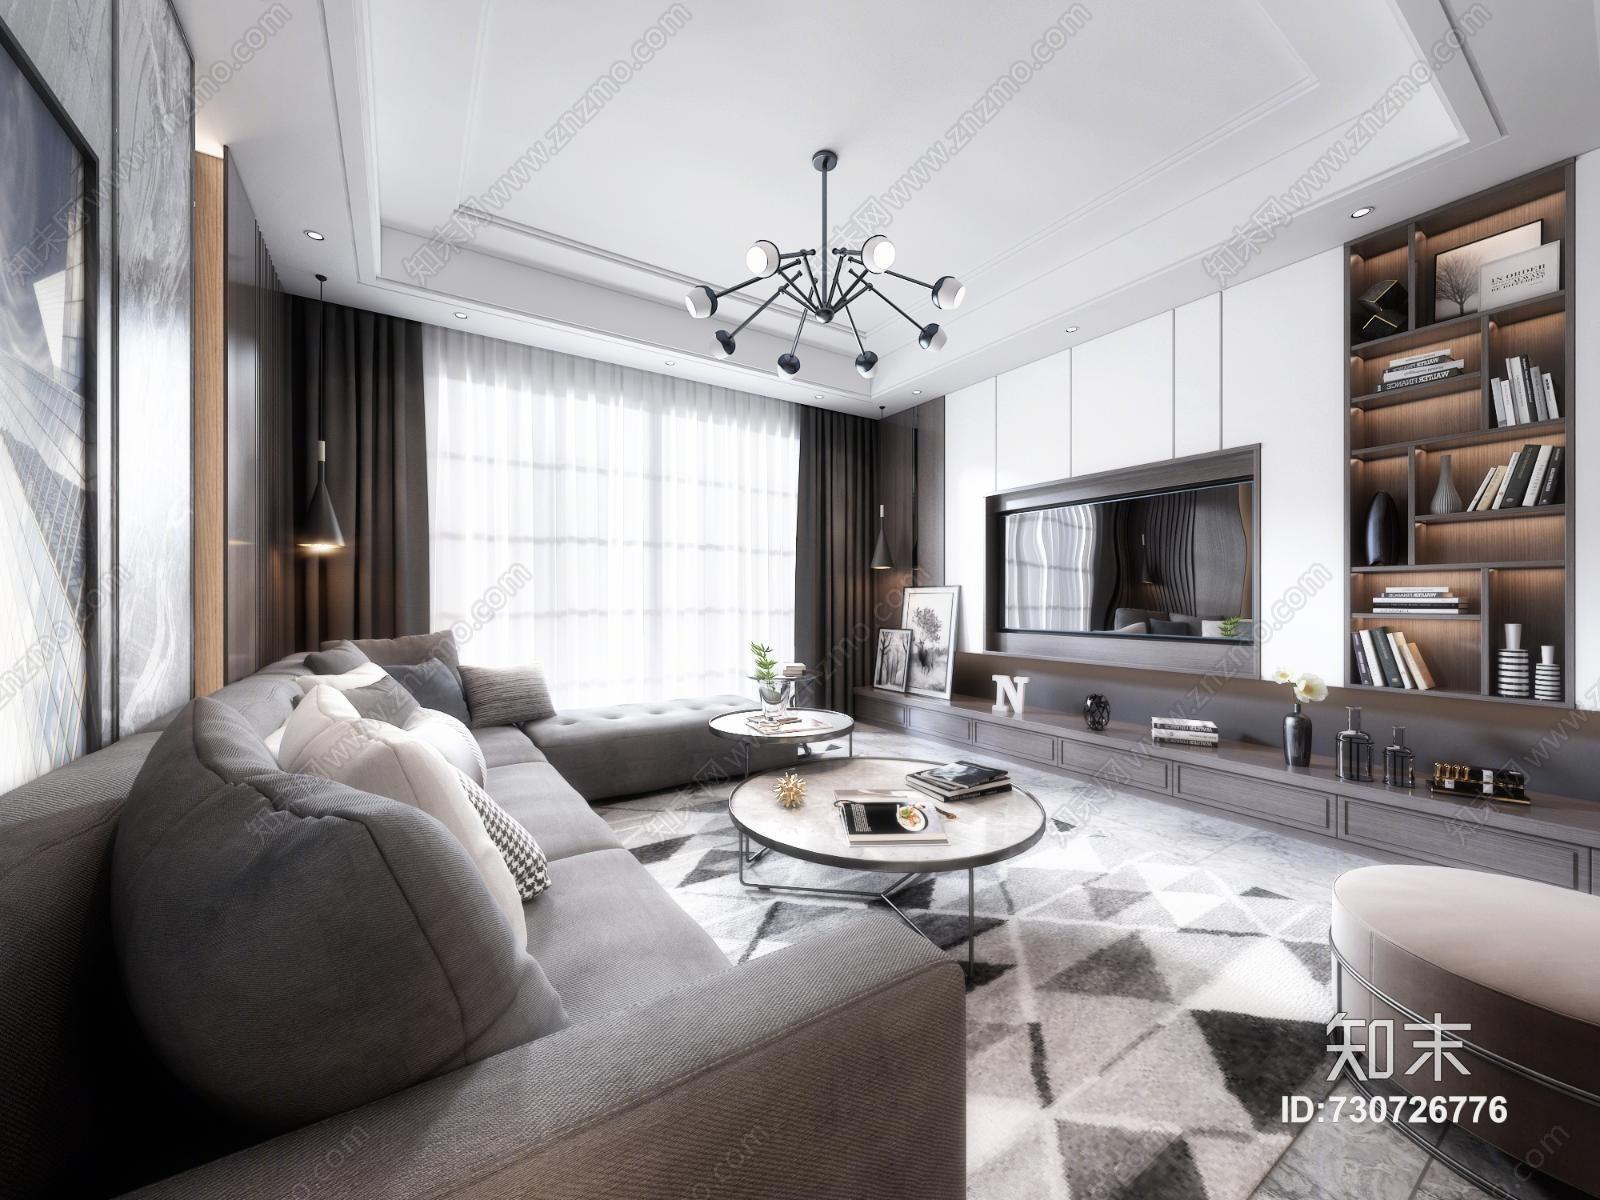 现代客厅 沙发 餐桌 吊灯 台灯 地毯 窗帘 装饰品 挂画 抱枕 茶几